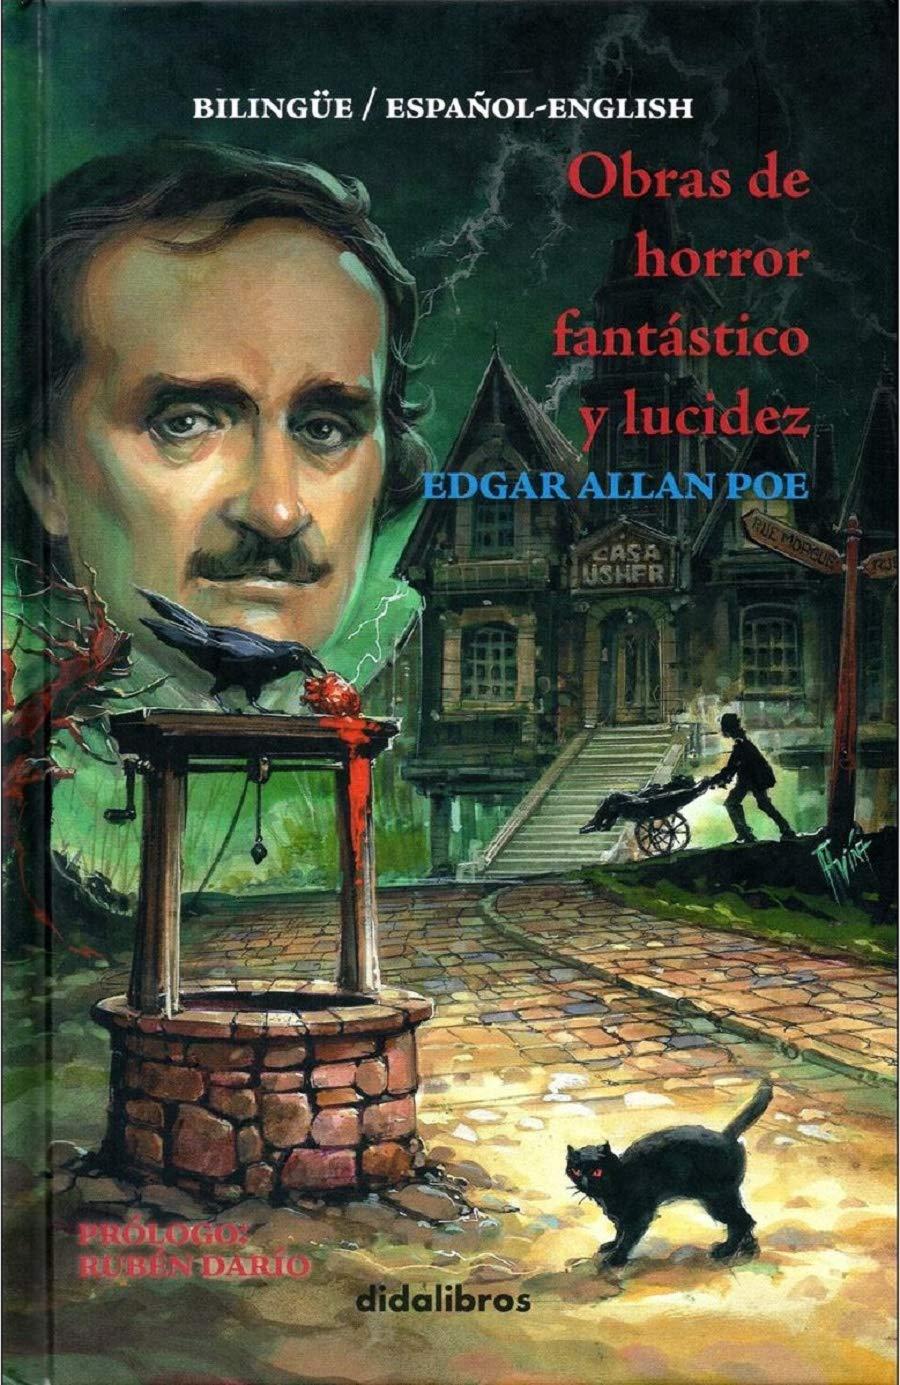 Obras de horror fantástico y lucidez (p.d.)